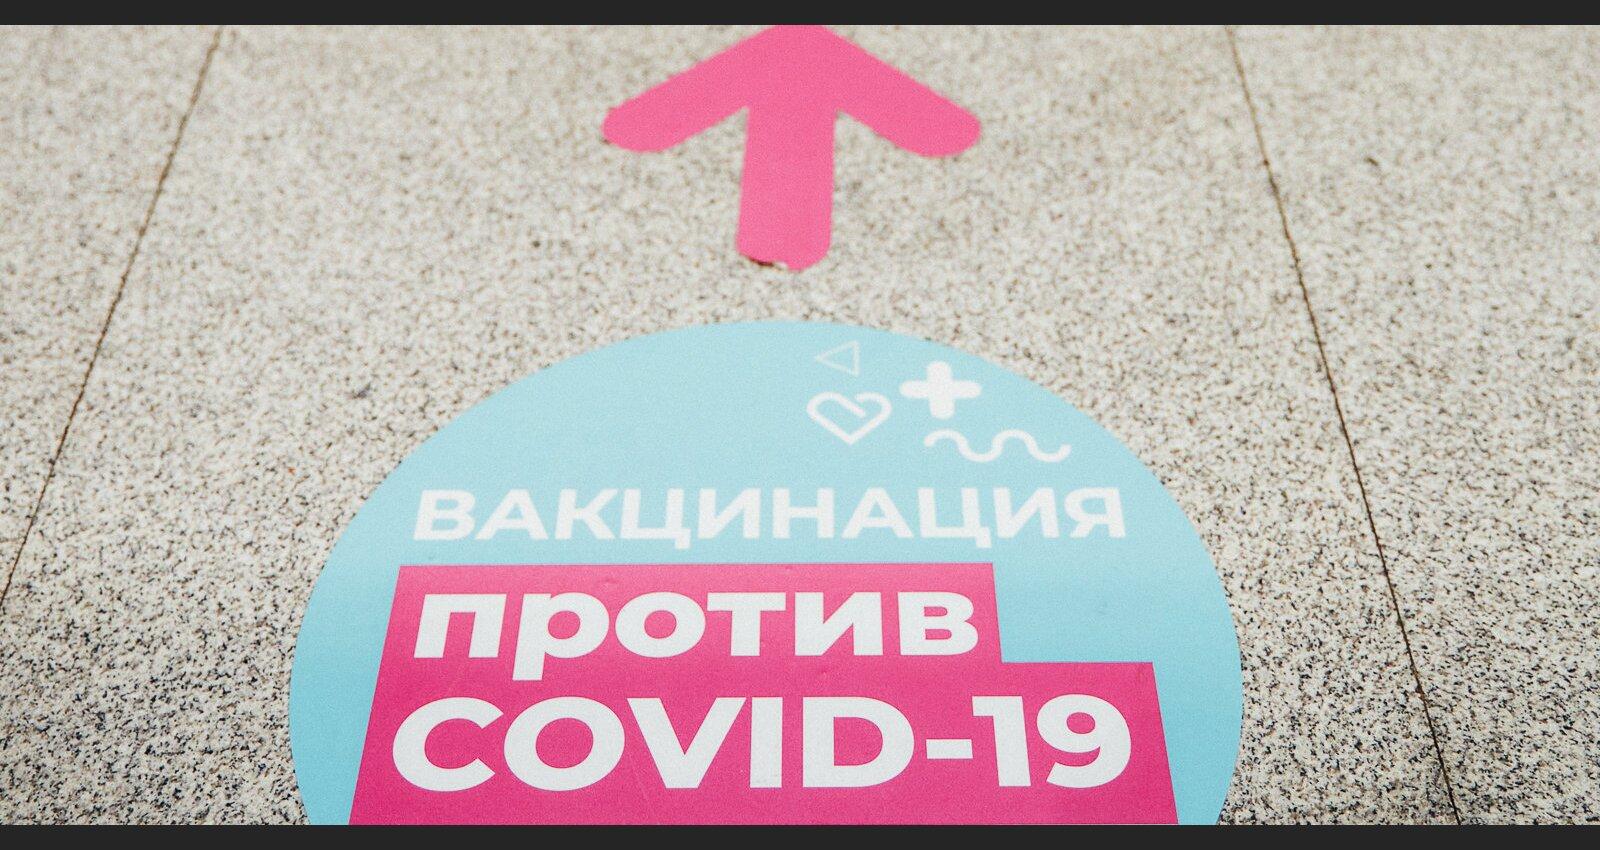 Krieviski – tikai pēc pieprasījuma. Cīnās ar šķēršļiem krievvalodīgo informēšanai par vakcināciju